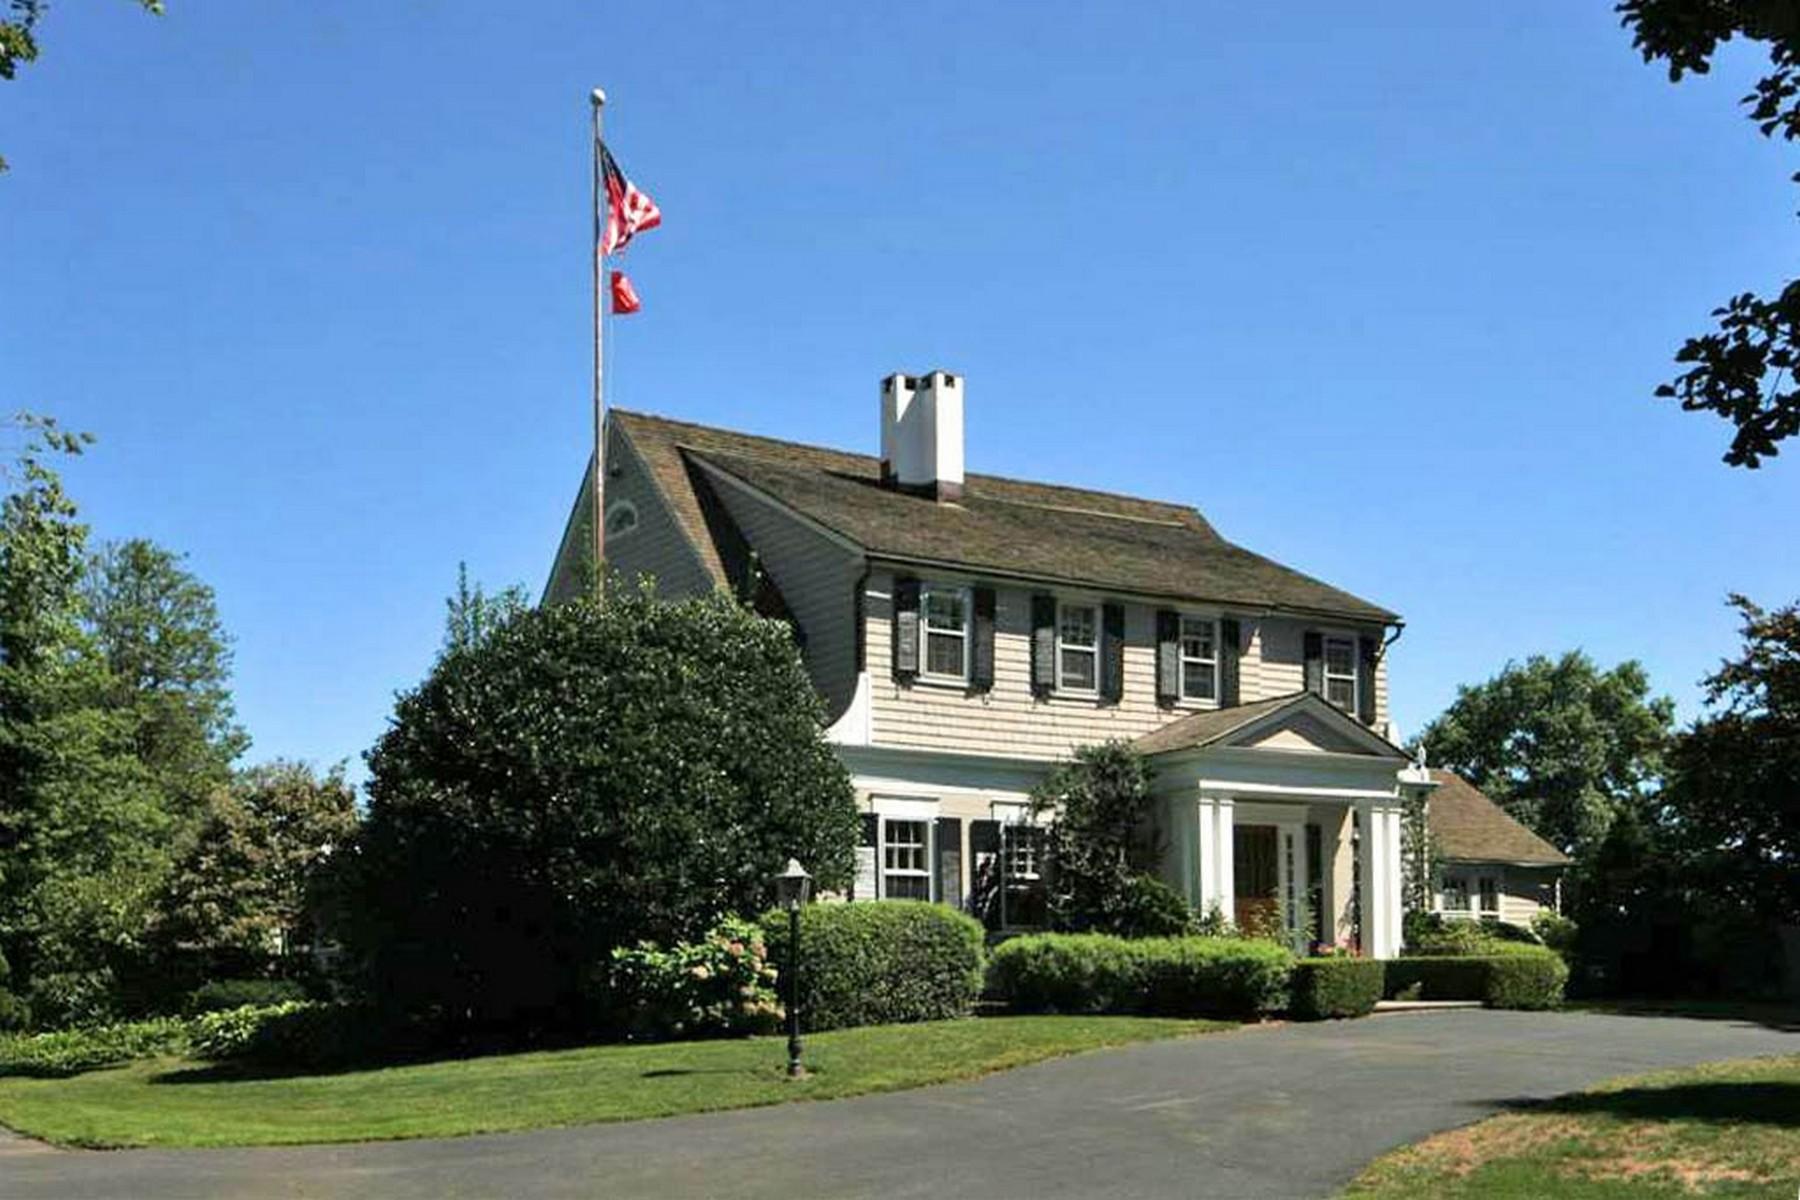 Maison unifamiliale pour l Vente à Black Rock Waterfront 40 Anchorage Drive Bridgeport, Connecticut, 06605 États-Unis